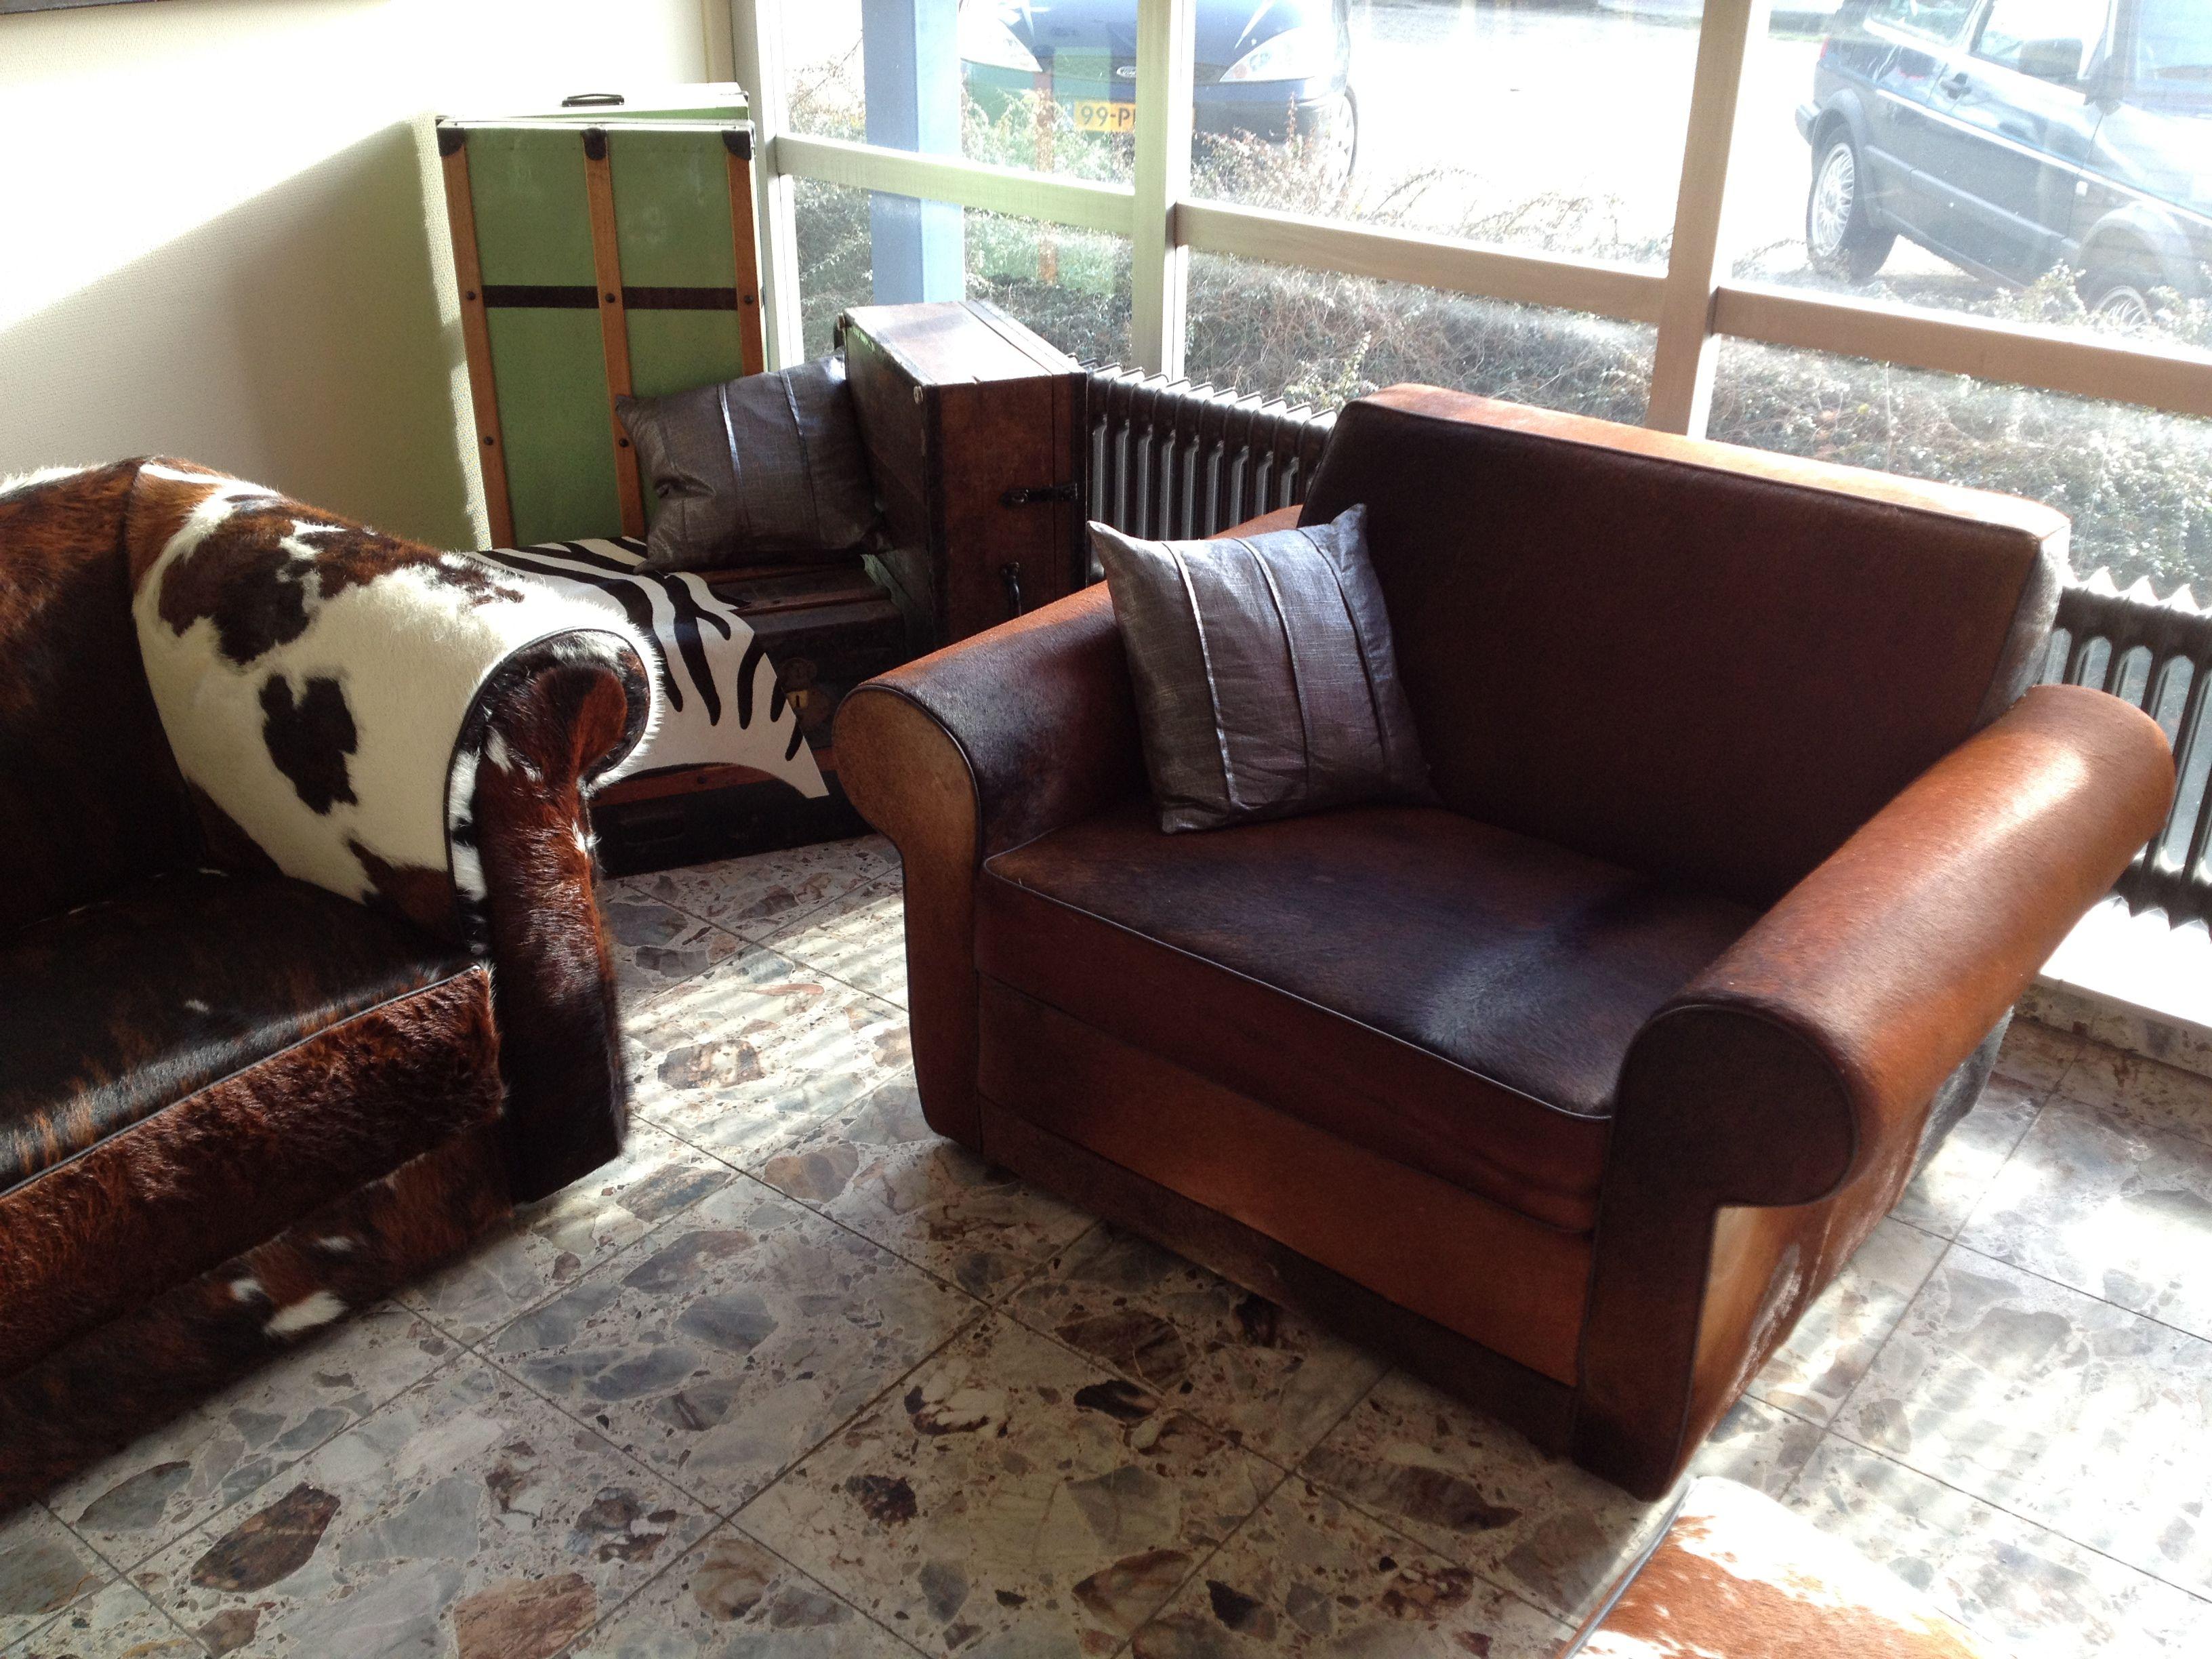 Rover loveseat in bruin met zwart koeienhuid bekleding fauteuils